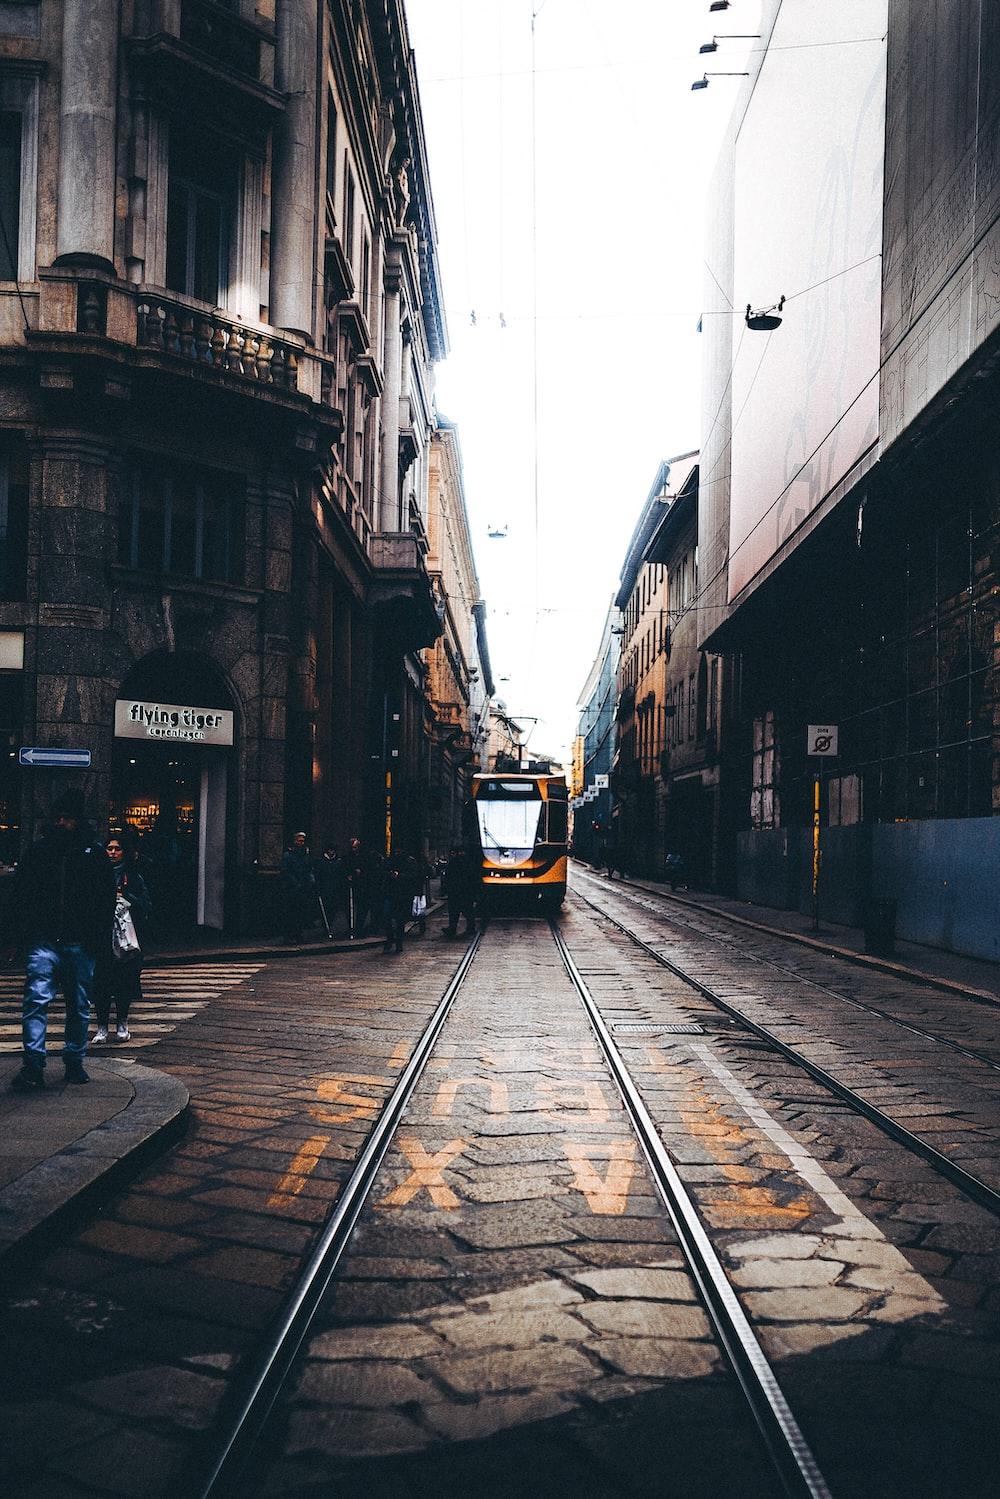 people walking on street beside buildings during daytime